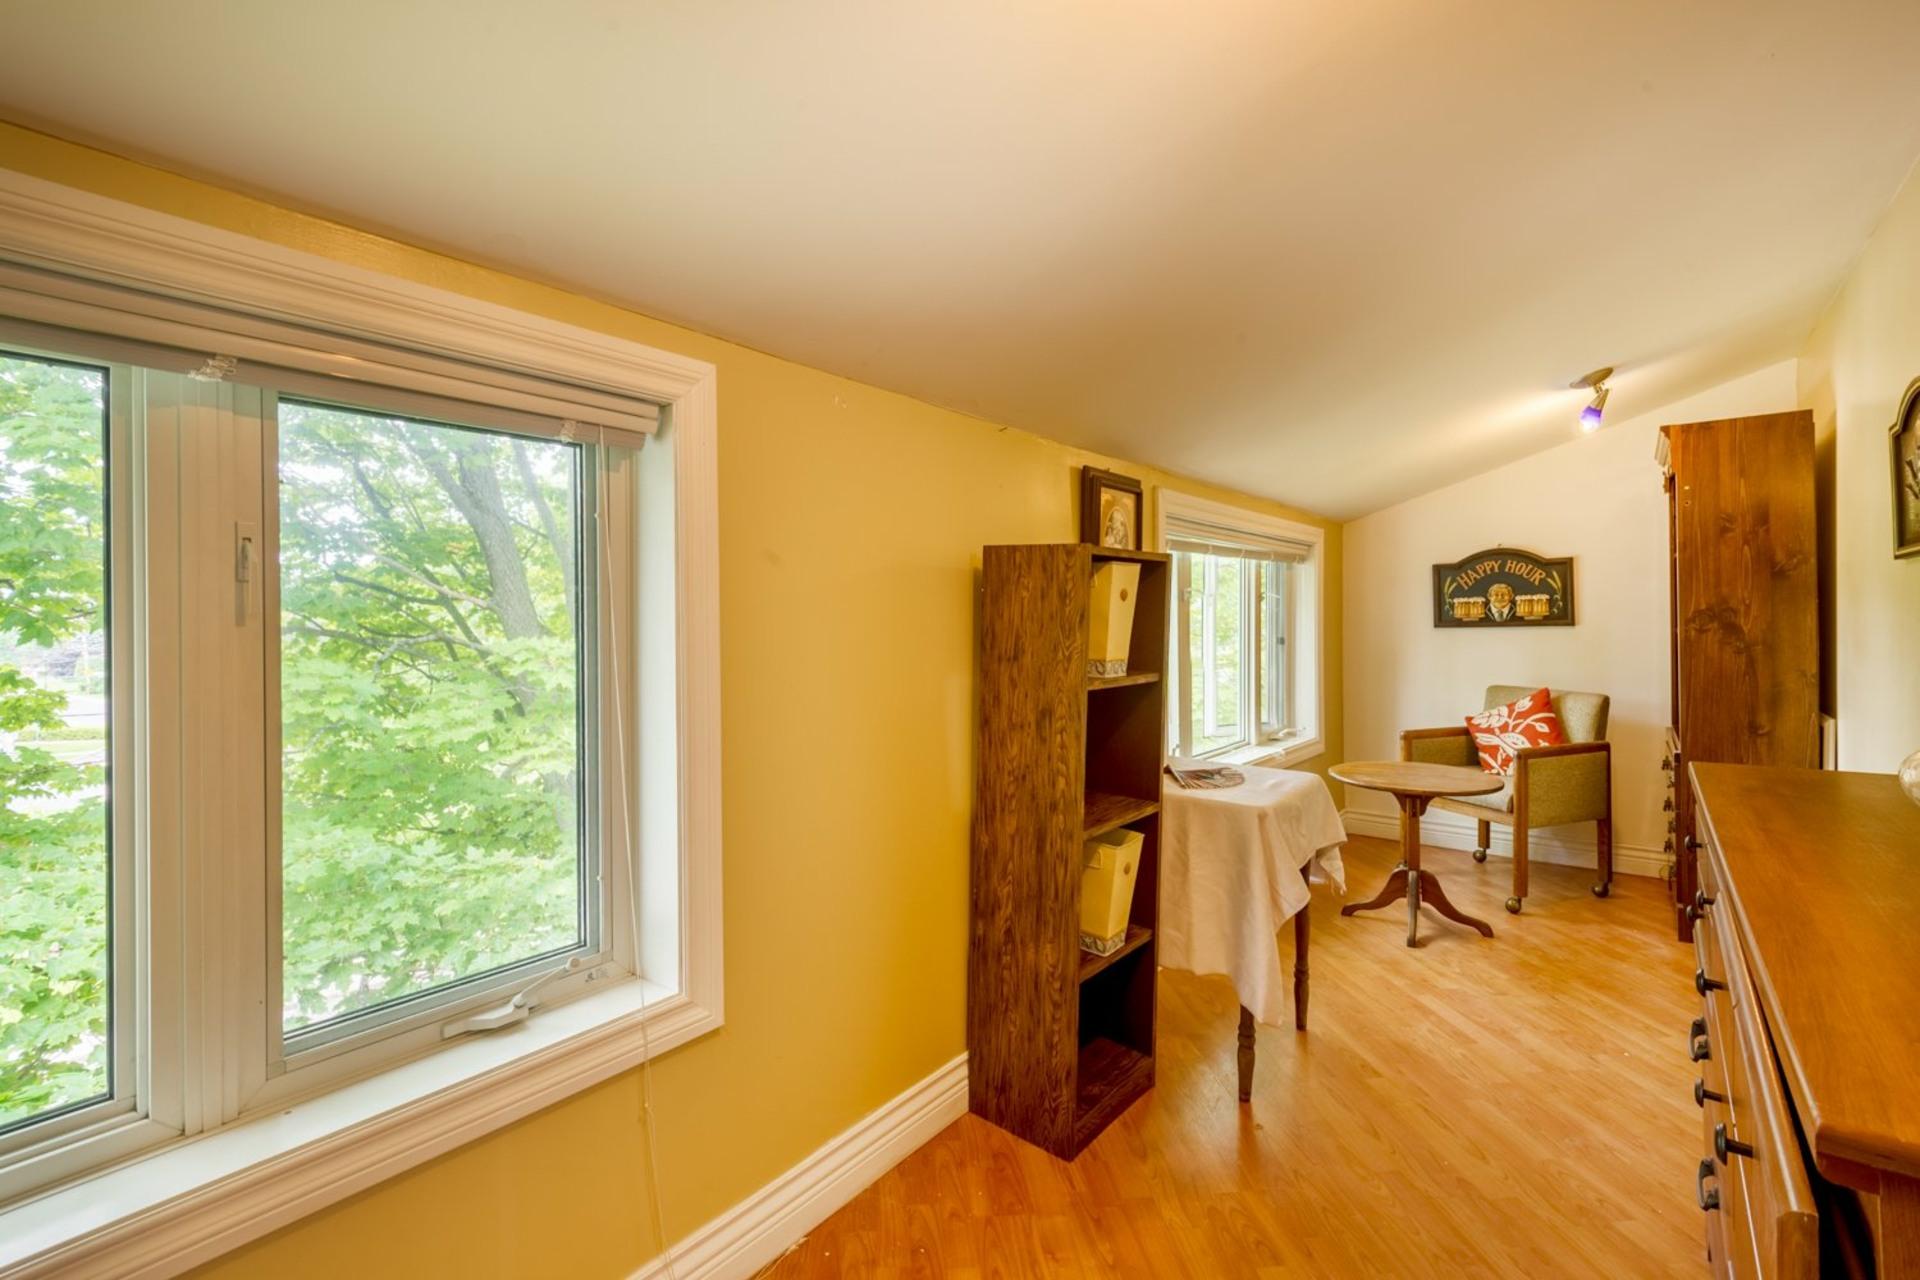 image 13 - Duplex For sale Sainte-Anne-de-Bellevue - 6 rooms